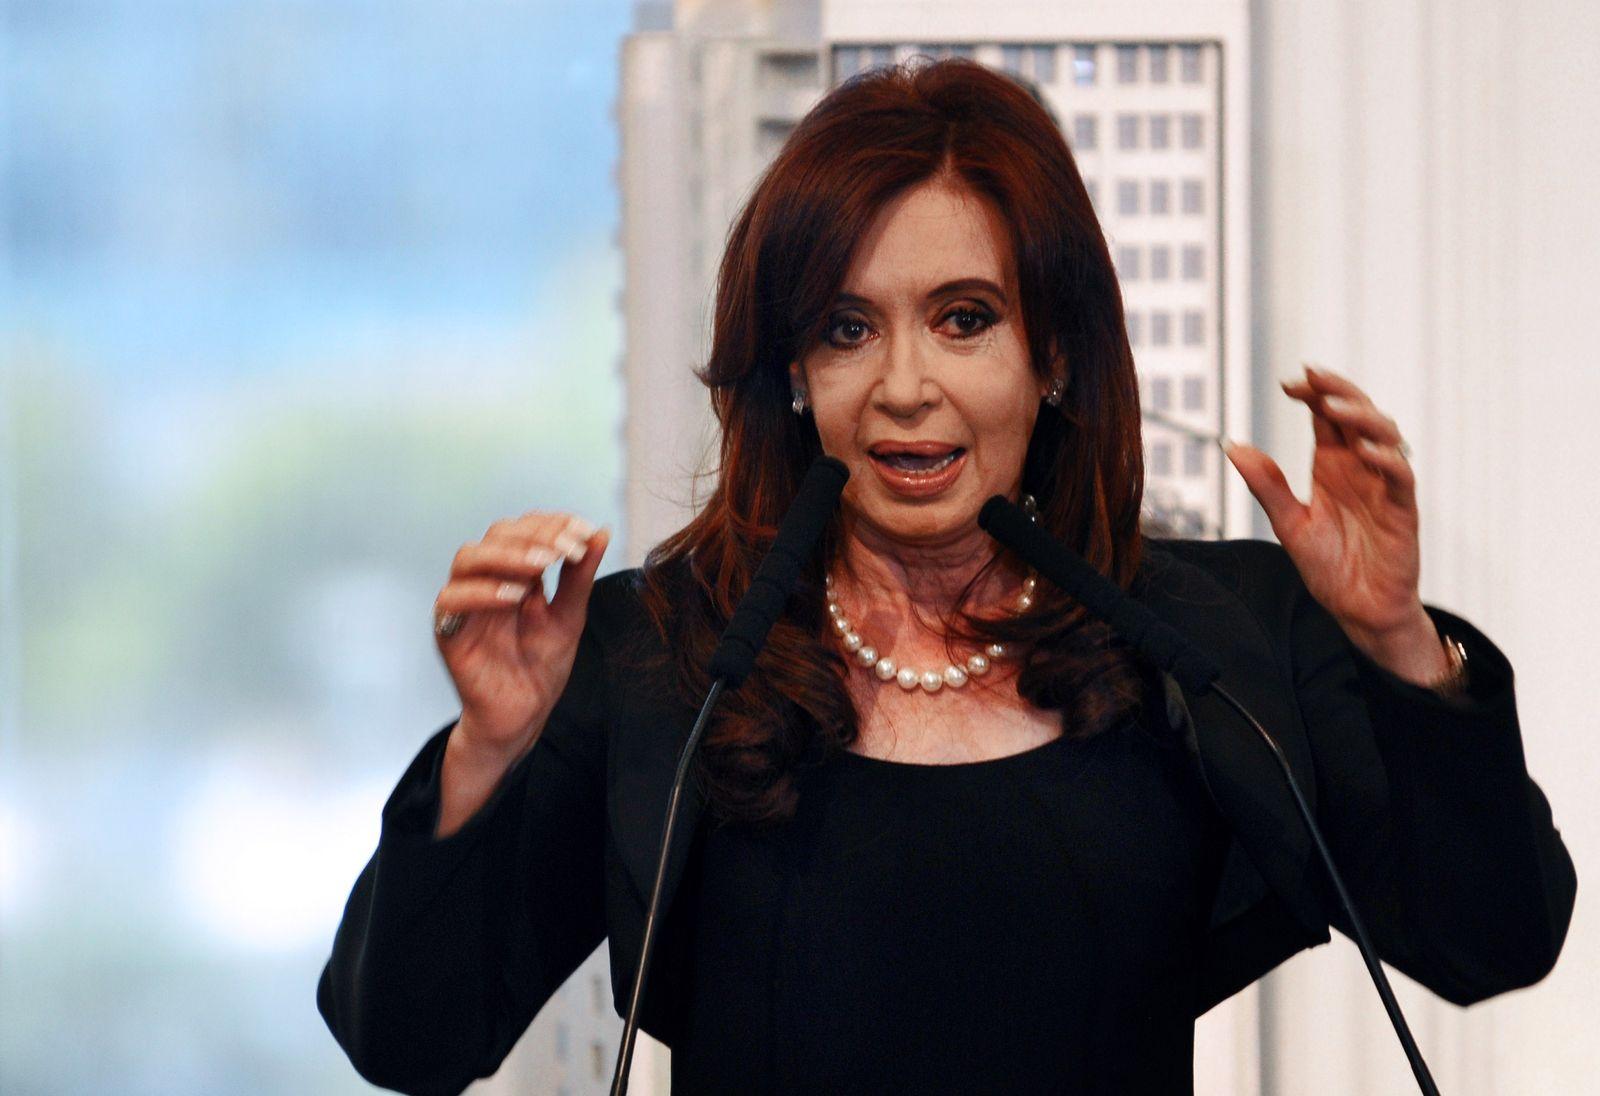 ARGENTINA-SPAIN-ENERGY-OIL-YPF-REPSOL-FERNANDEZ DE KIRCHNER